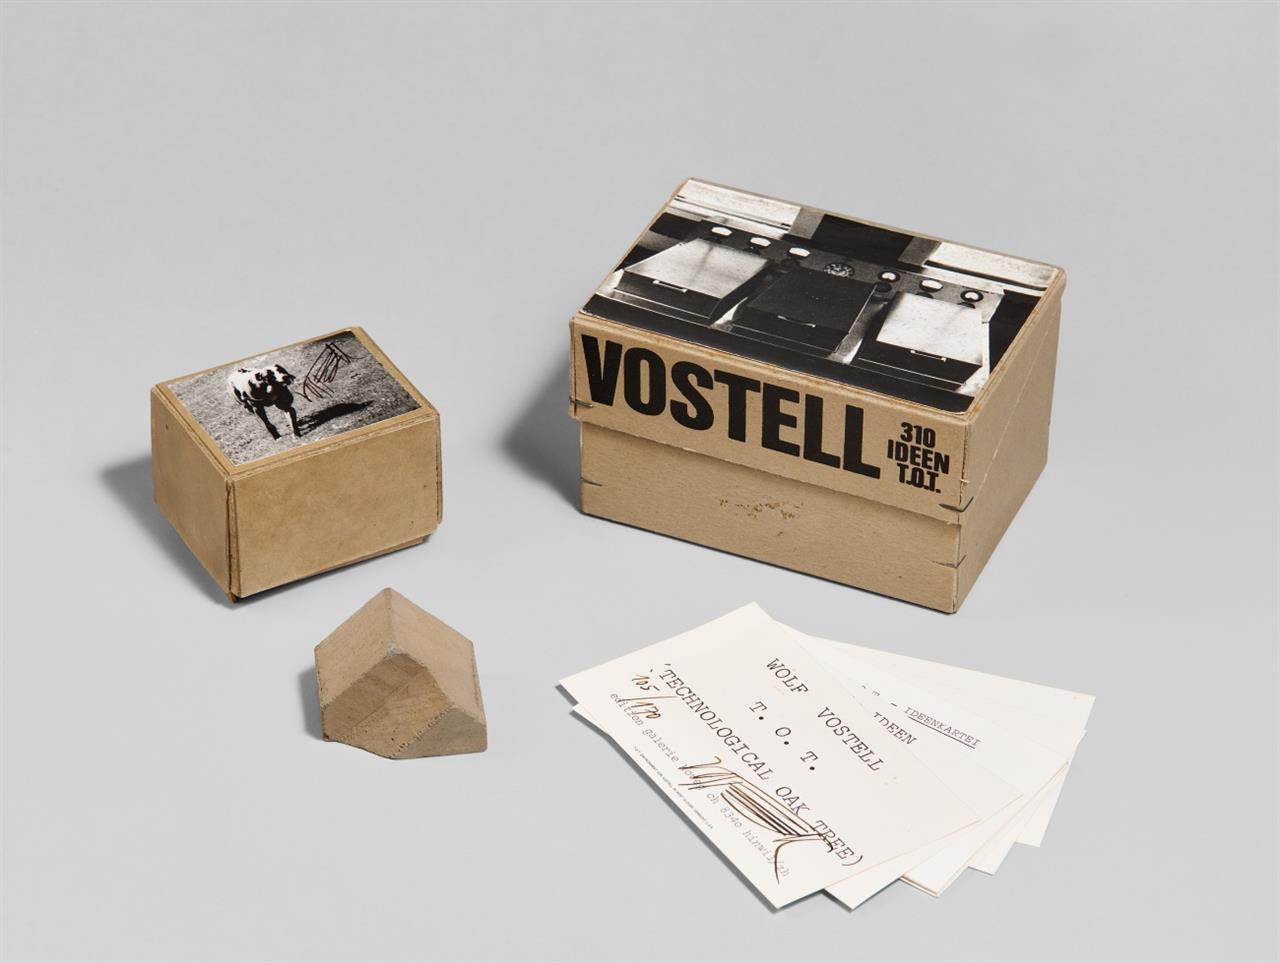 Wolf Vostell. 310 Ideen. T.O.T. (Technological Oak Tree). 1972. Kartonbox mit Indexkarten und zwei montierten SW-Fotografien, mit Betonstück in kl. Box mit SW-Foto. Signiert. Ex. 105/170.